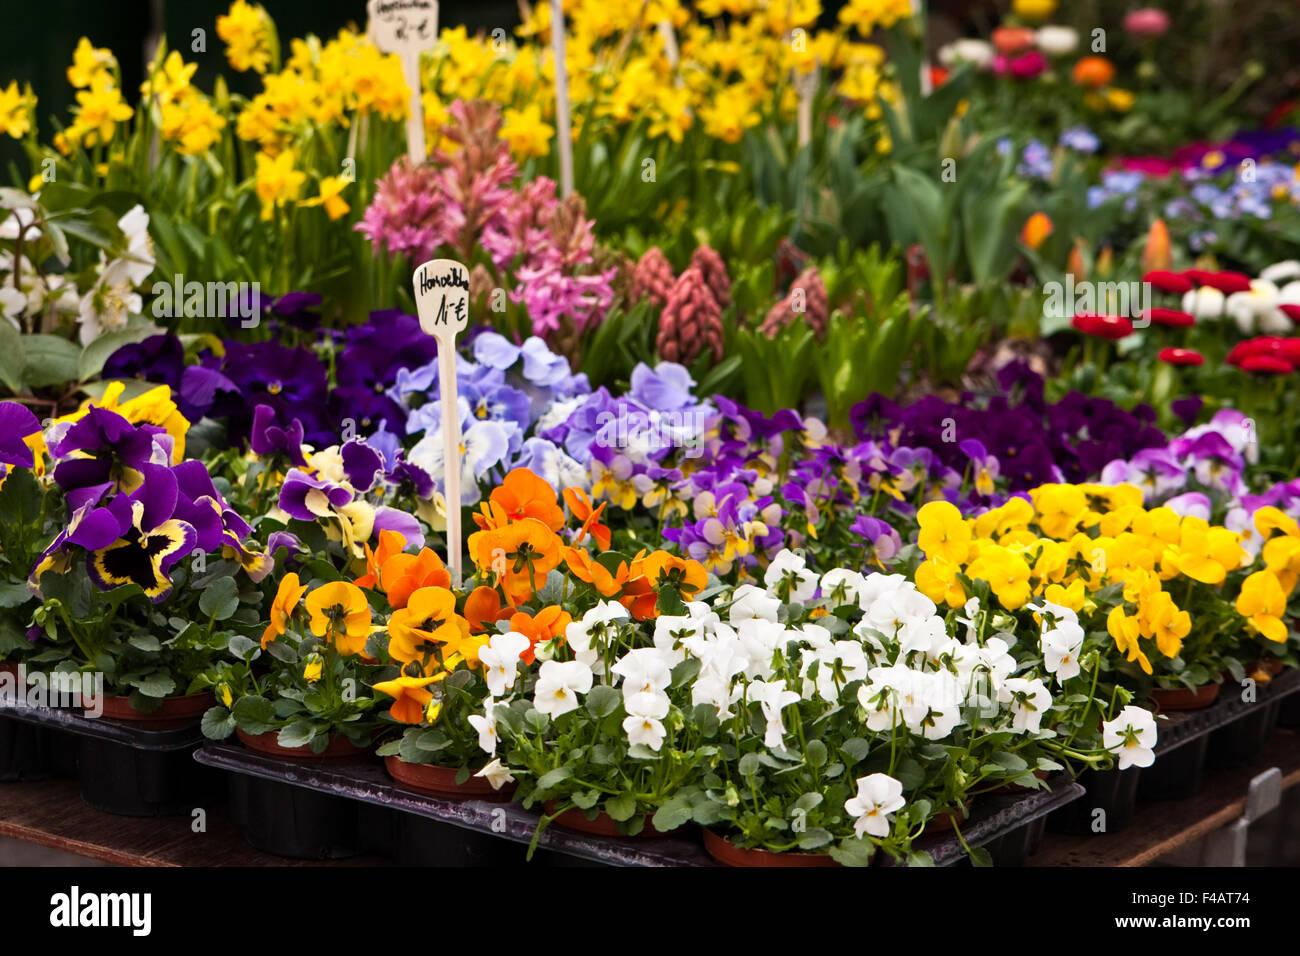 Blumen Auf Dem Markt, Blumen auf einem Markt Stockbild